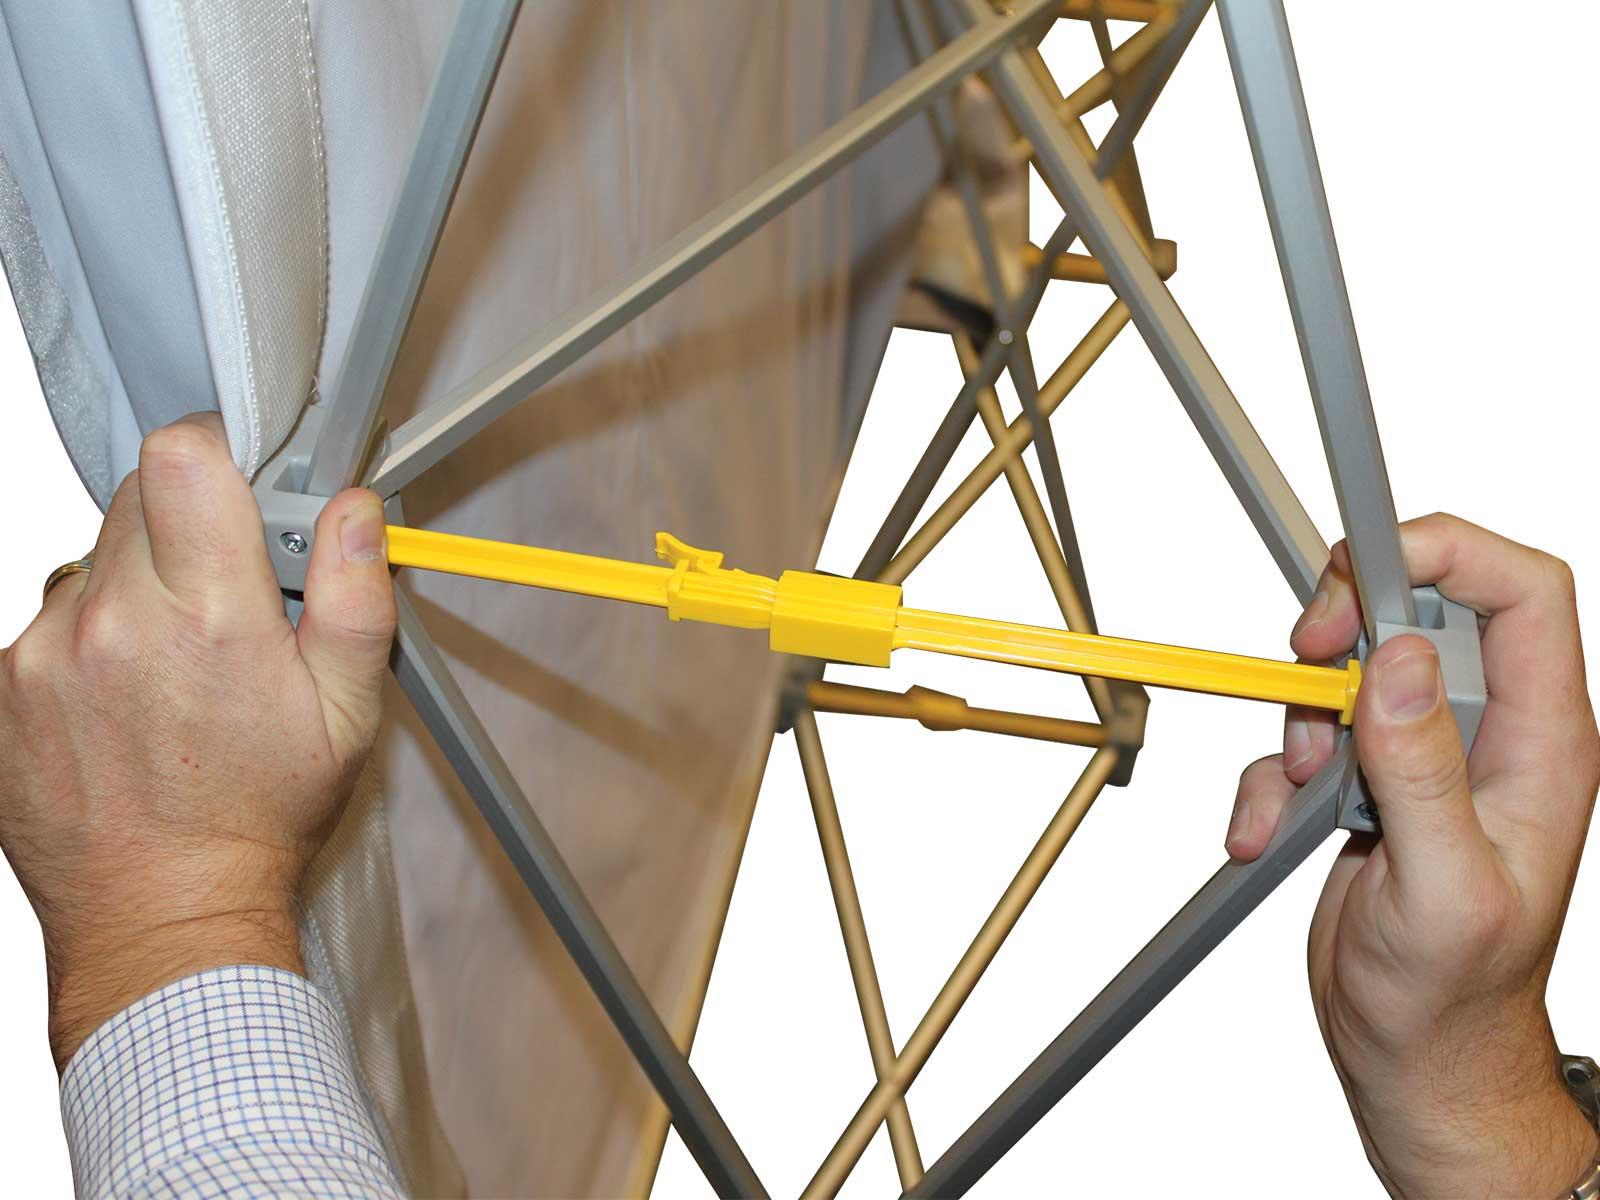 Messestand pop-up textil 3x5 - aufrecht - Messestandwerbung & pop-up ...